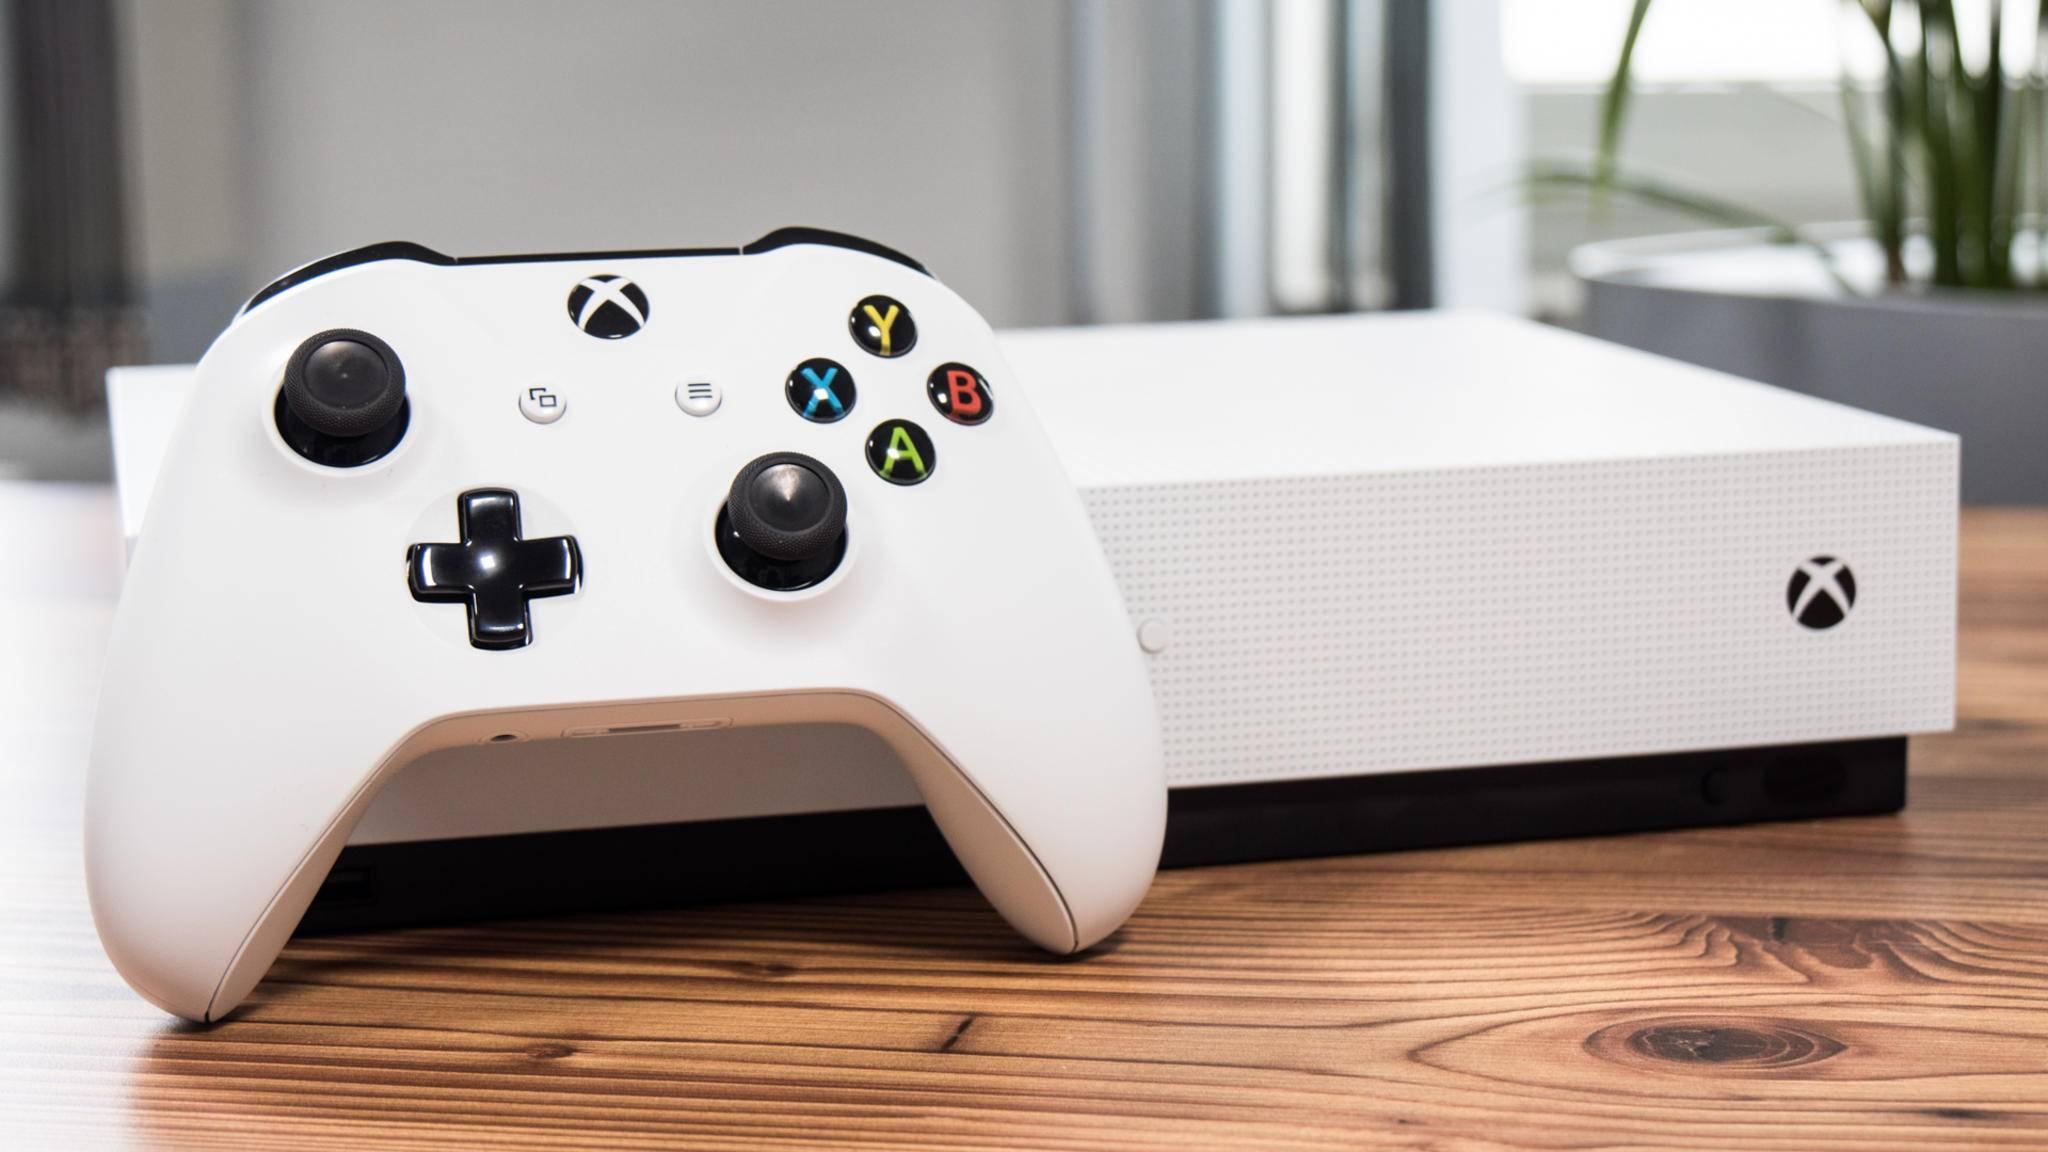 Wir führen Dich durch die Einrichtung Deiner neuen Xbox One S.